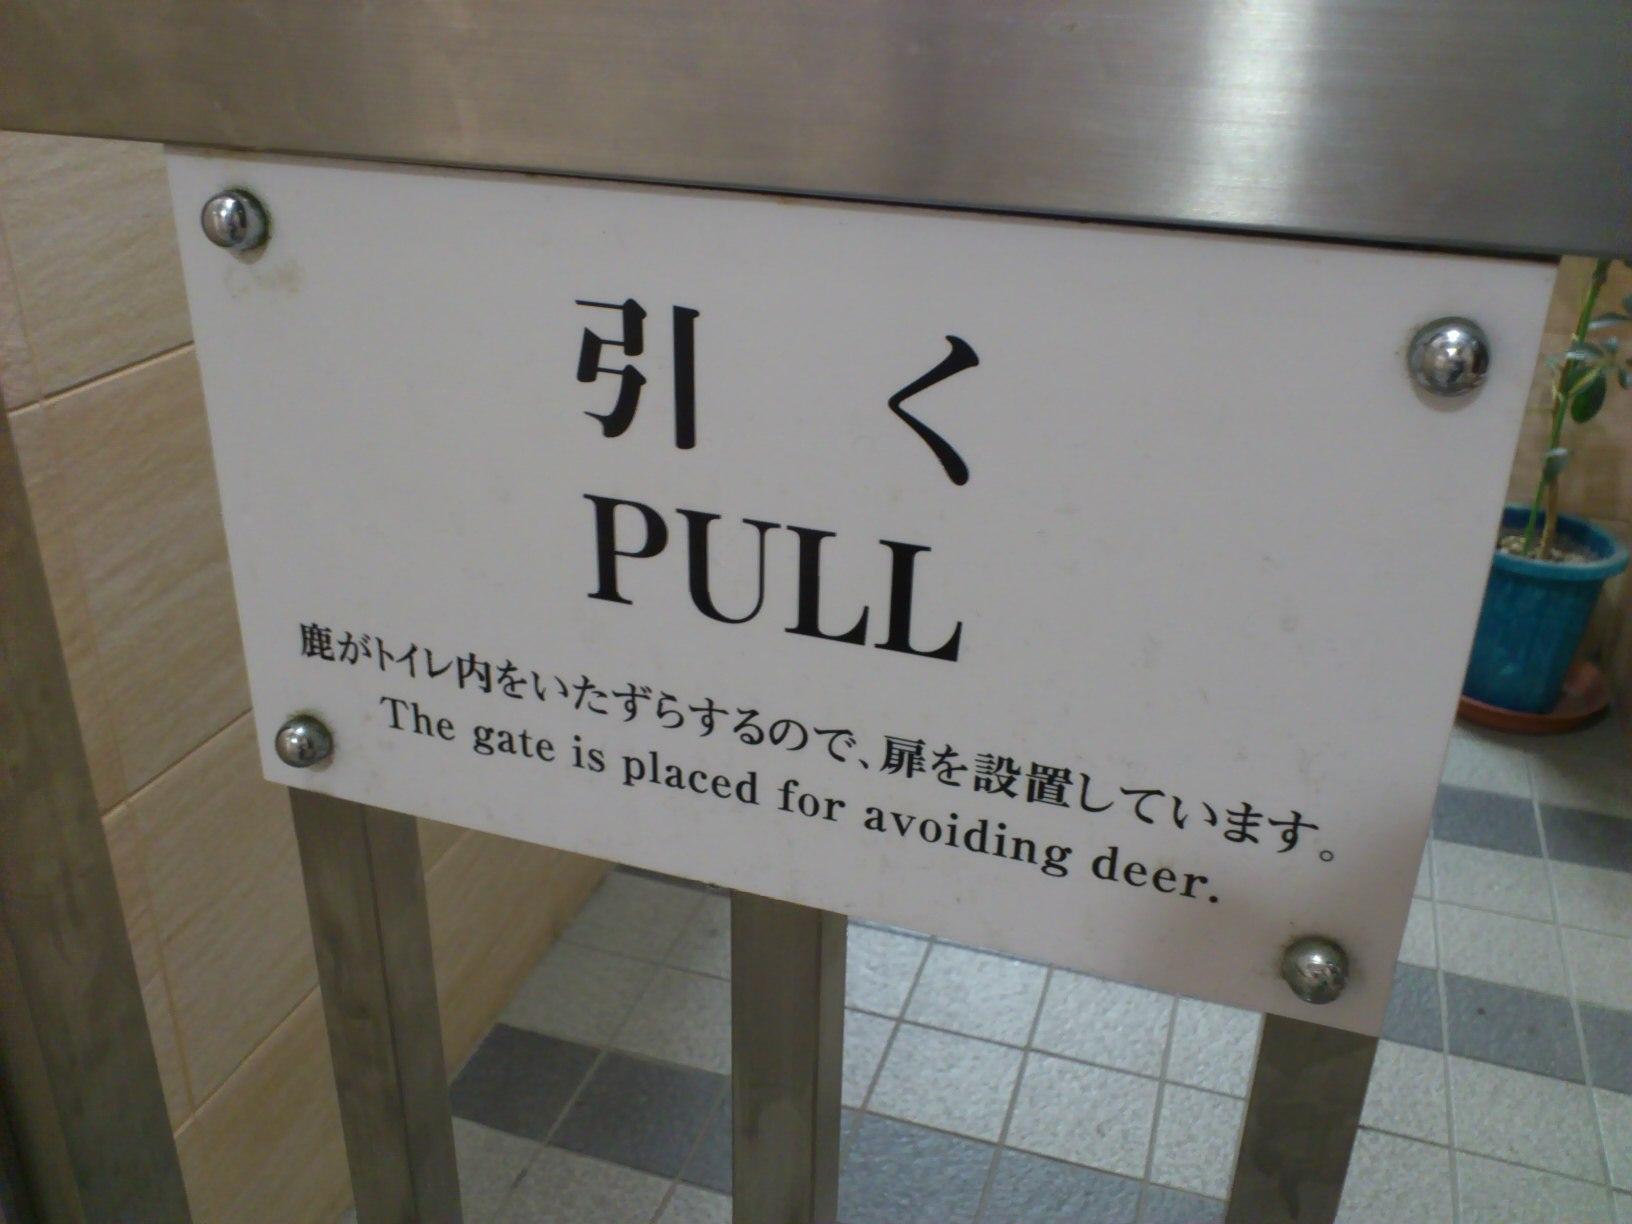 宮島のトイレの入口